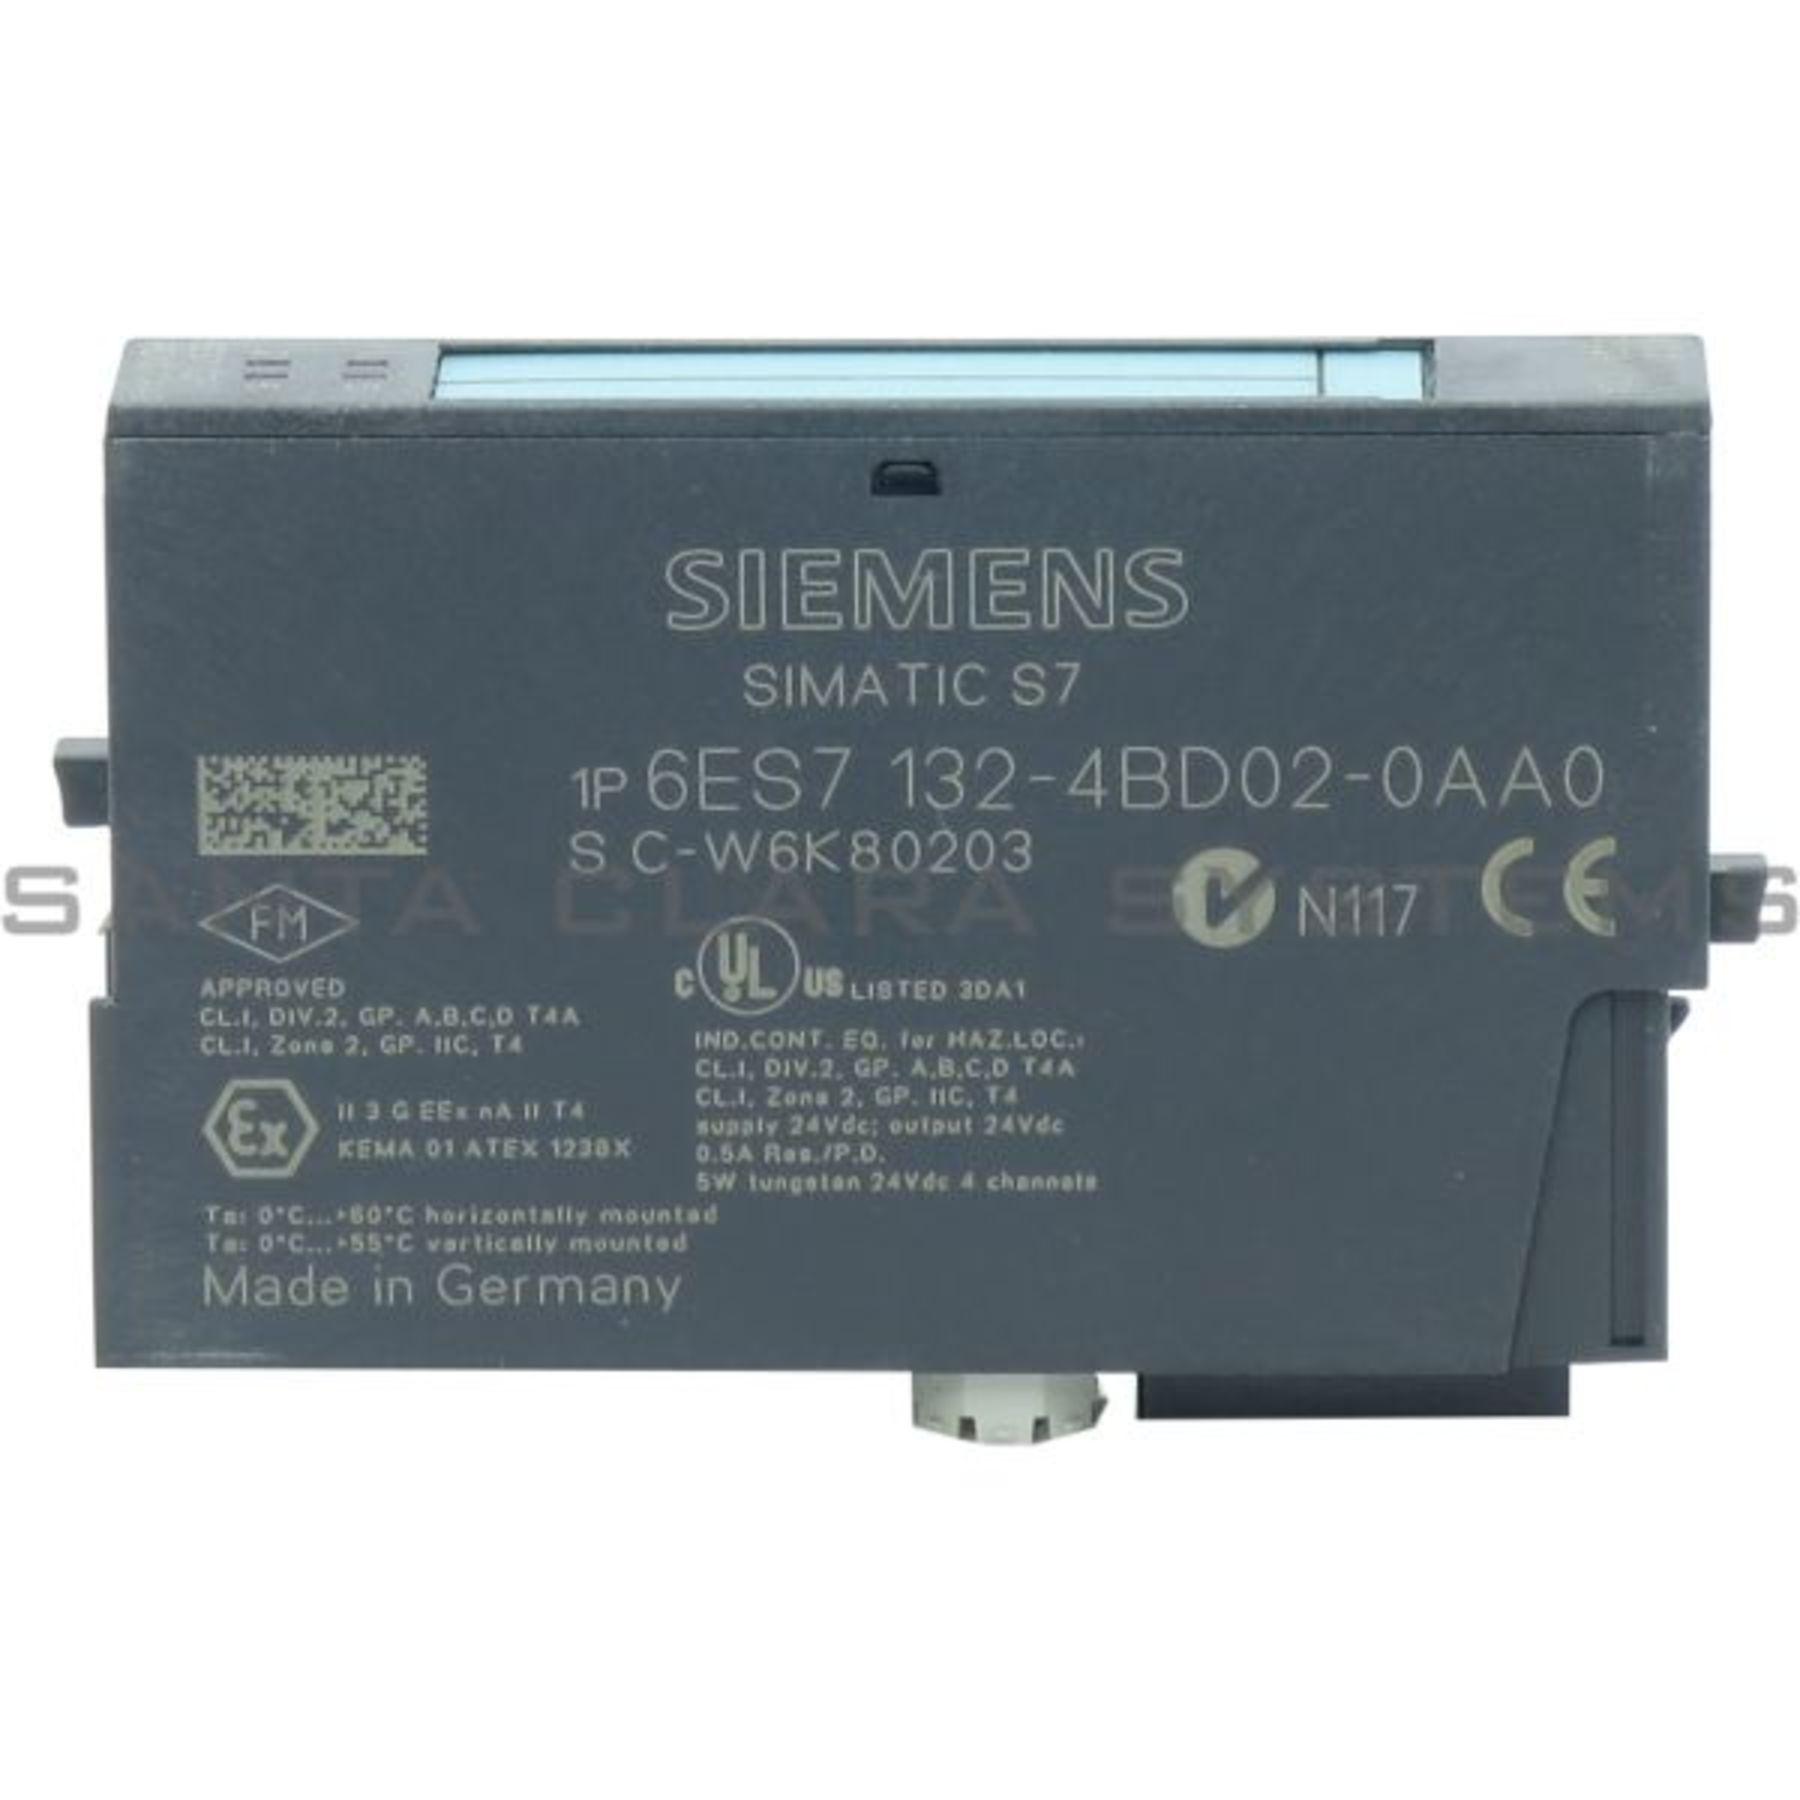 6ES7 132-4BD02-0AA0 Siemens Simatic S7 Typ 6ES7132-4BD02-0AA0